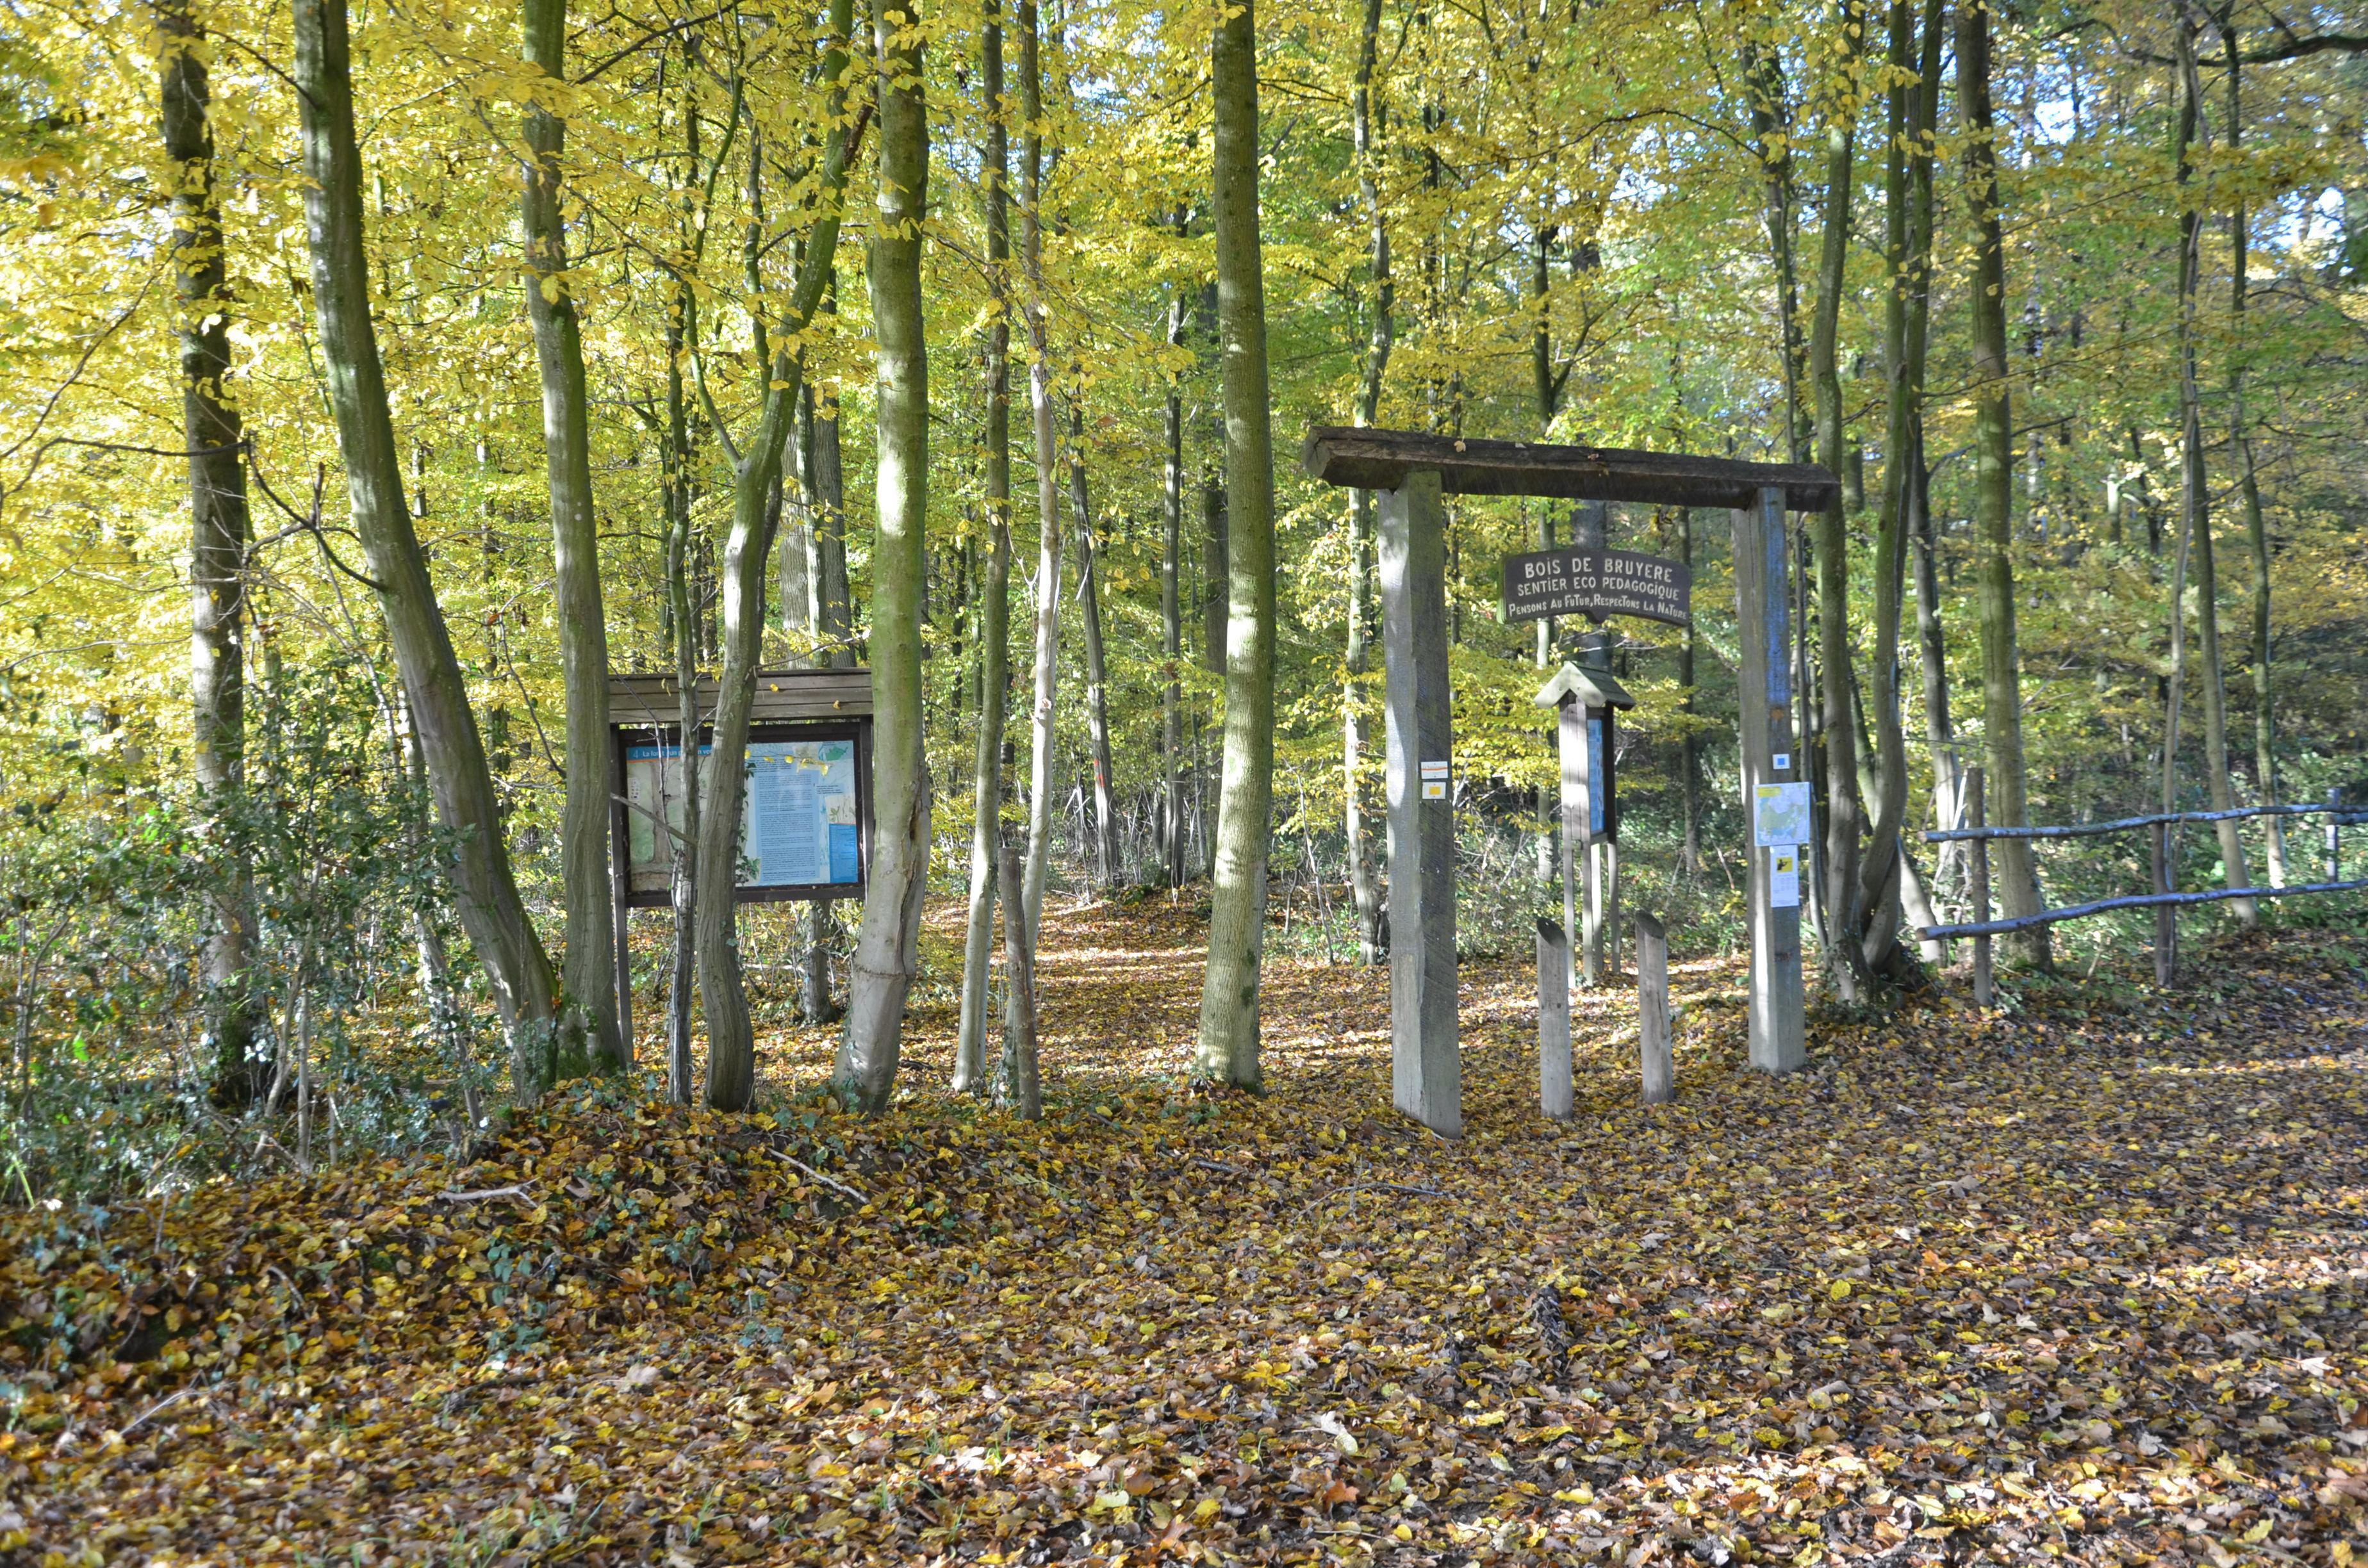 Grande Traversée de la Forêt du Pays de Chimay-Tronçon Sivry-Virelles